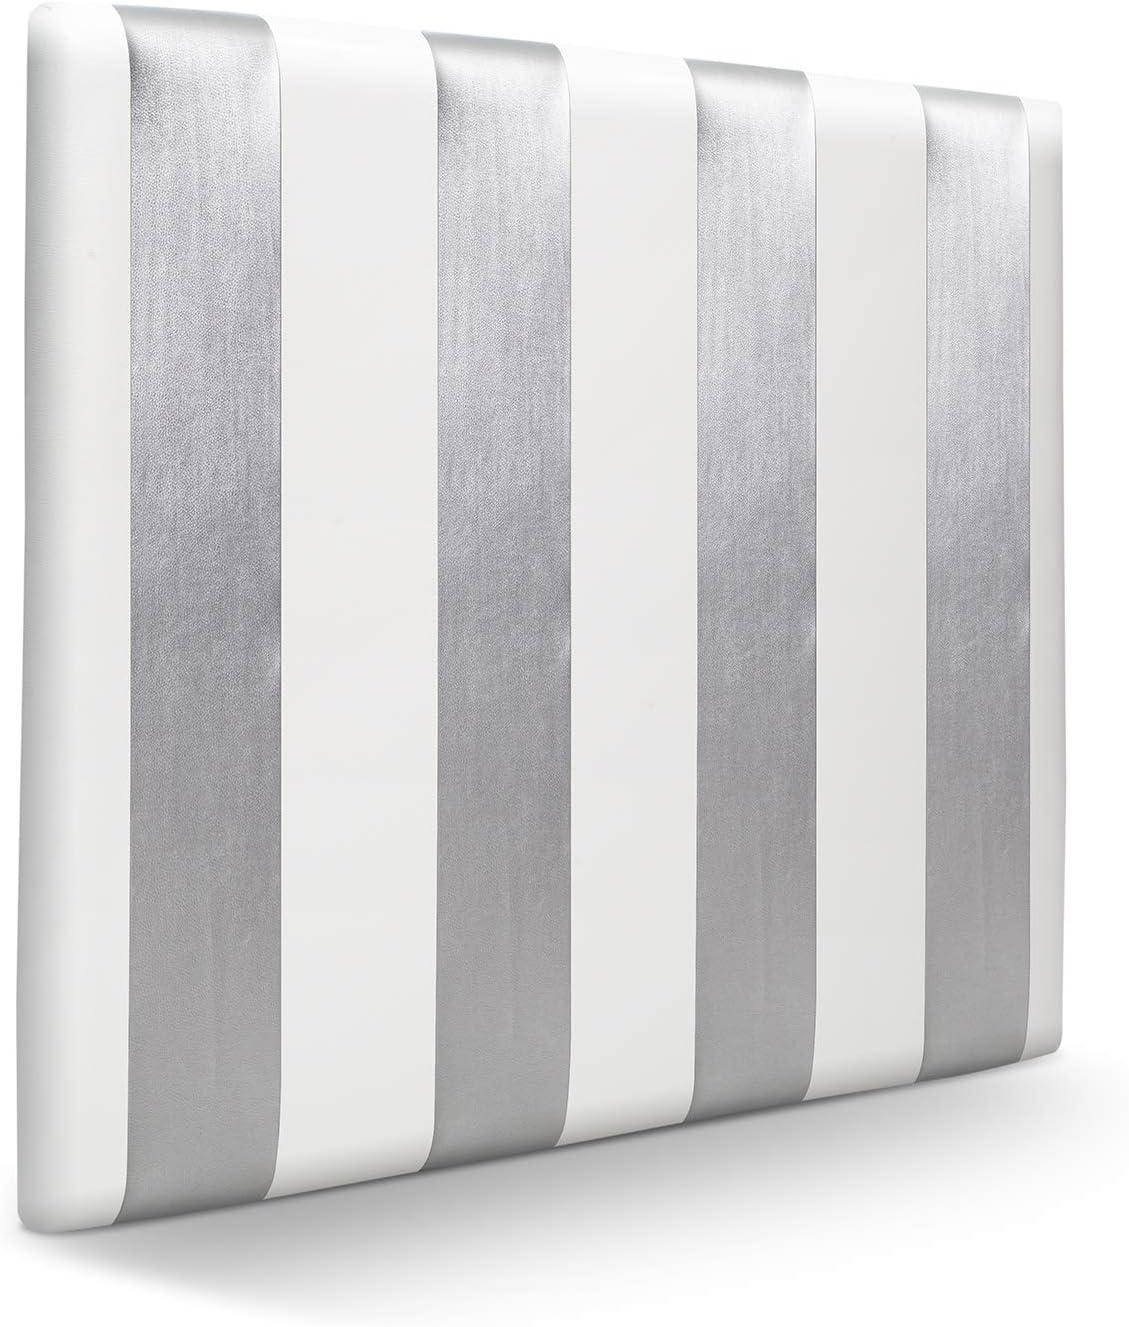 SUENOSZZZ - Cabecero Ohio Lineas Verticales (Cama 140) 150x120 cms. Color Blanco y Plata